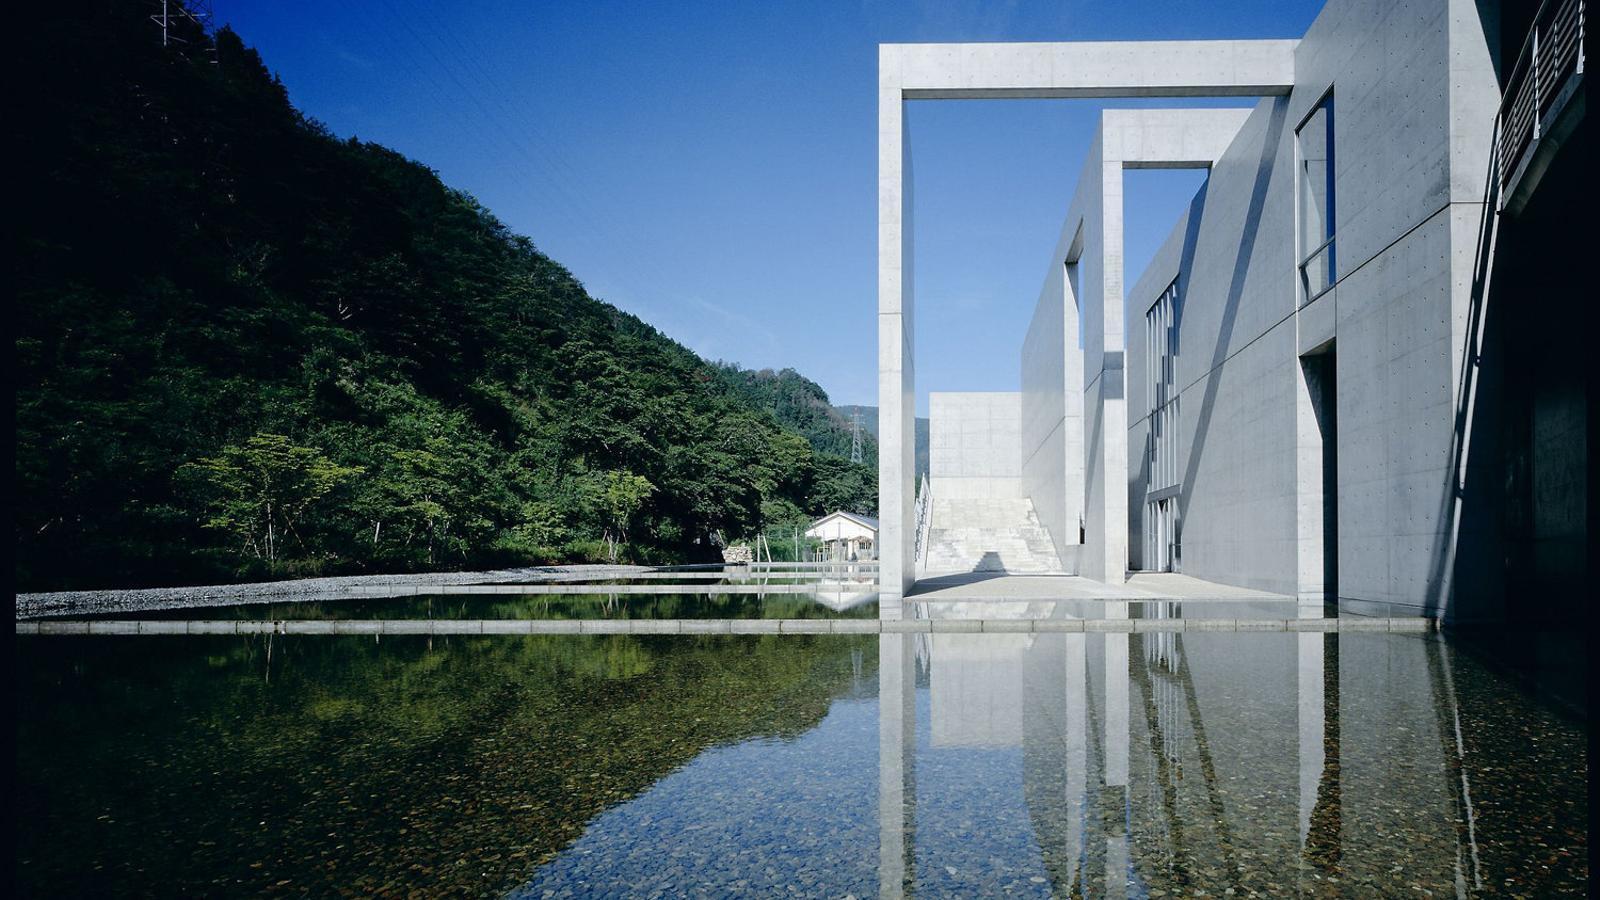 El Museu d'Art Nariwa